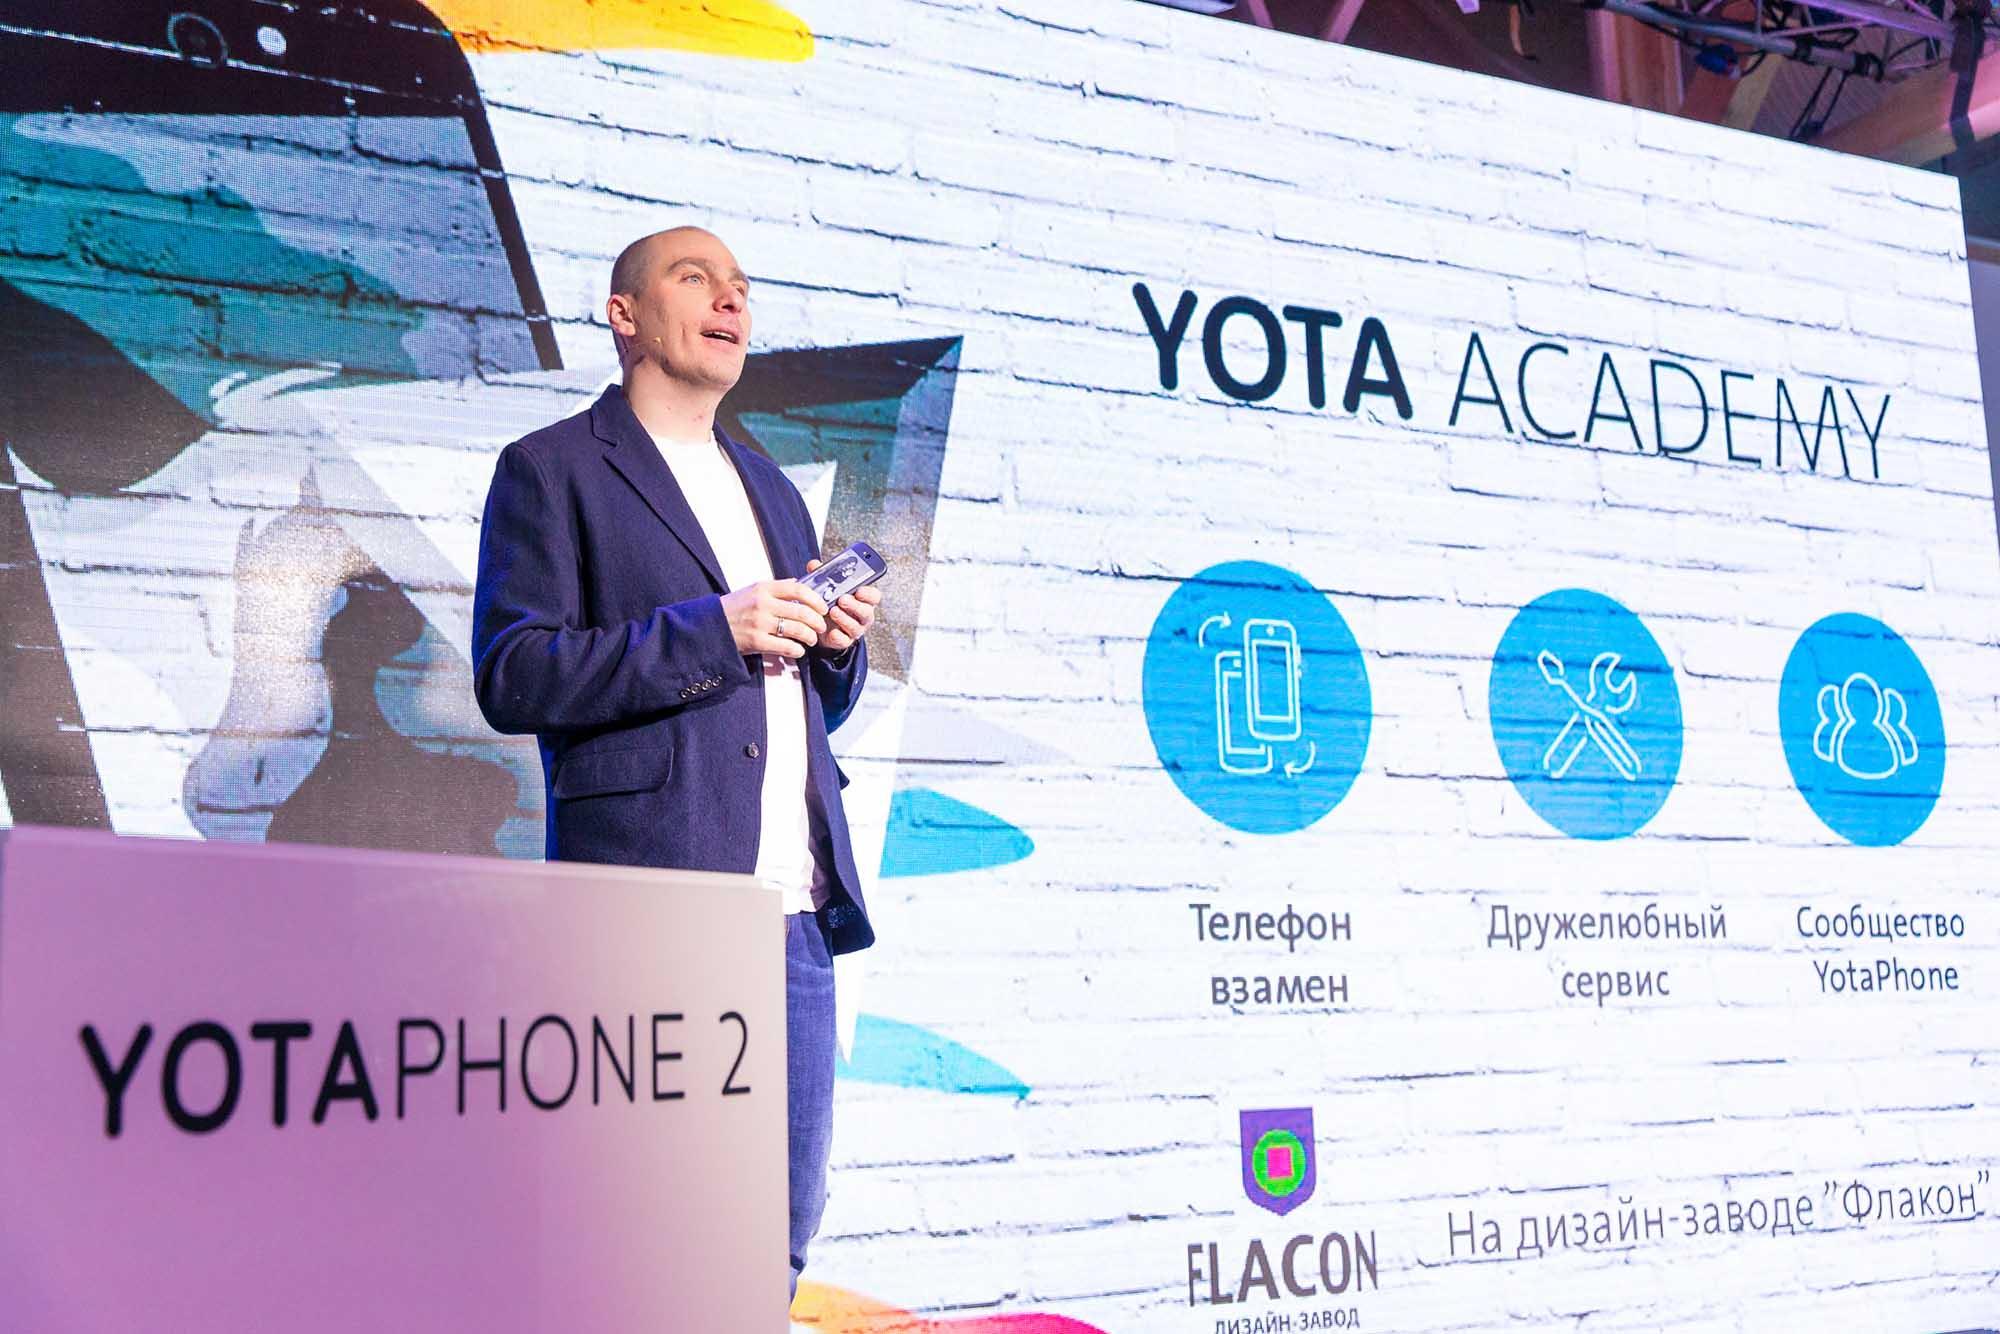 Презентация первого российского смартфона, мировой анонс YotaPhone 2, Москва 2014.